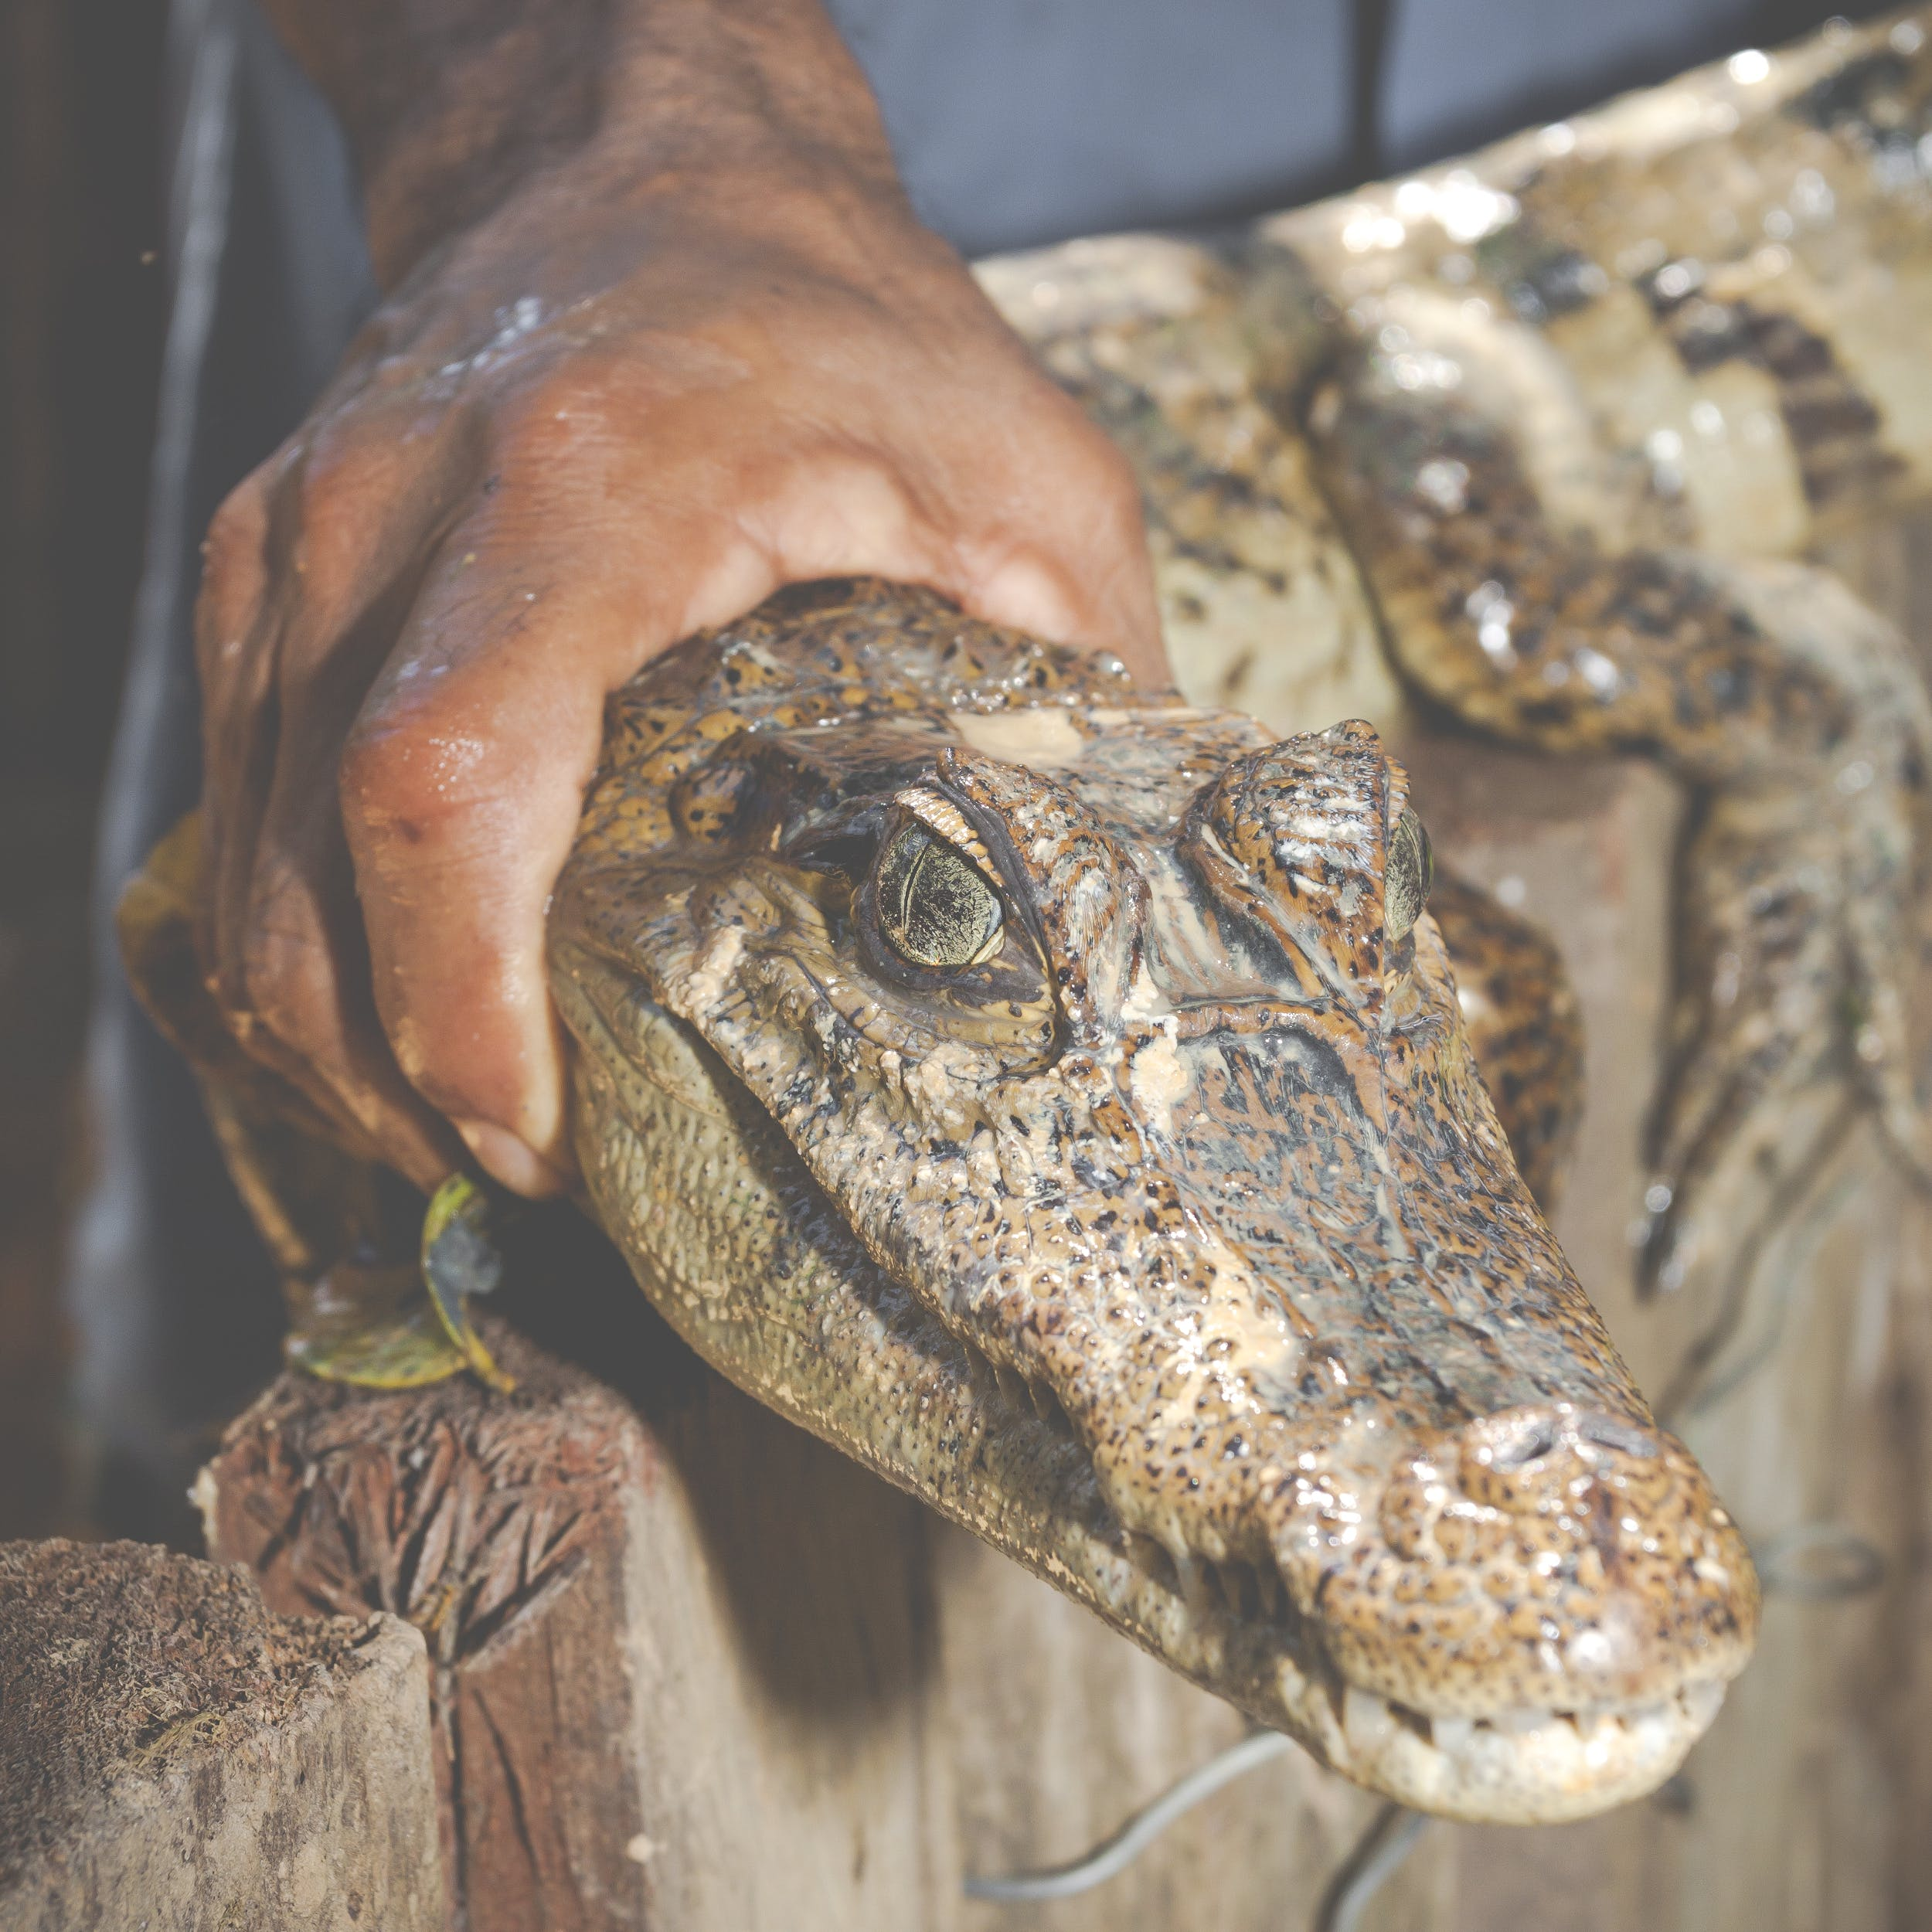 Kostenloses Stock Foto zu alligator, gefährlich, hand, haut